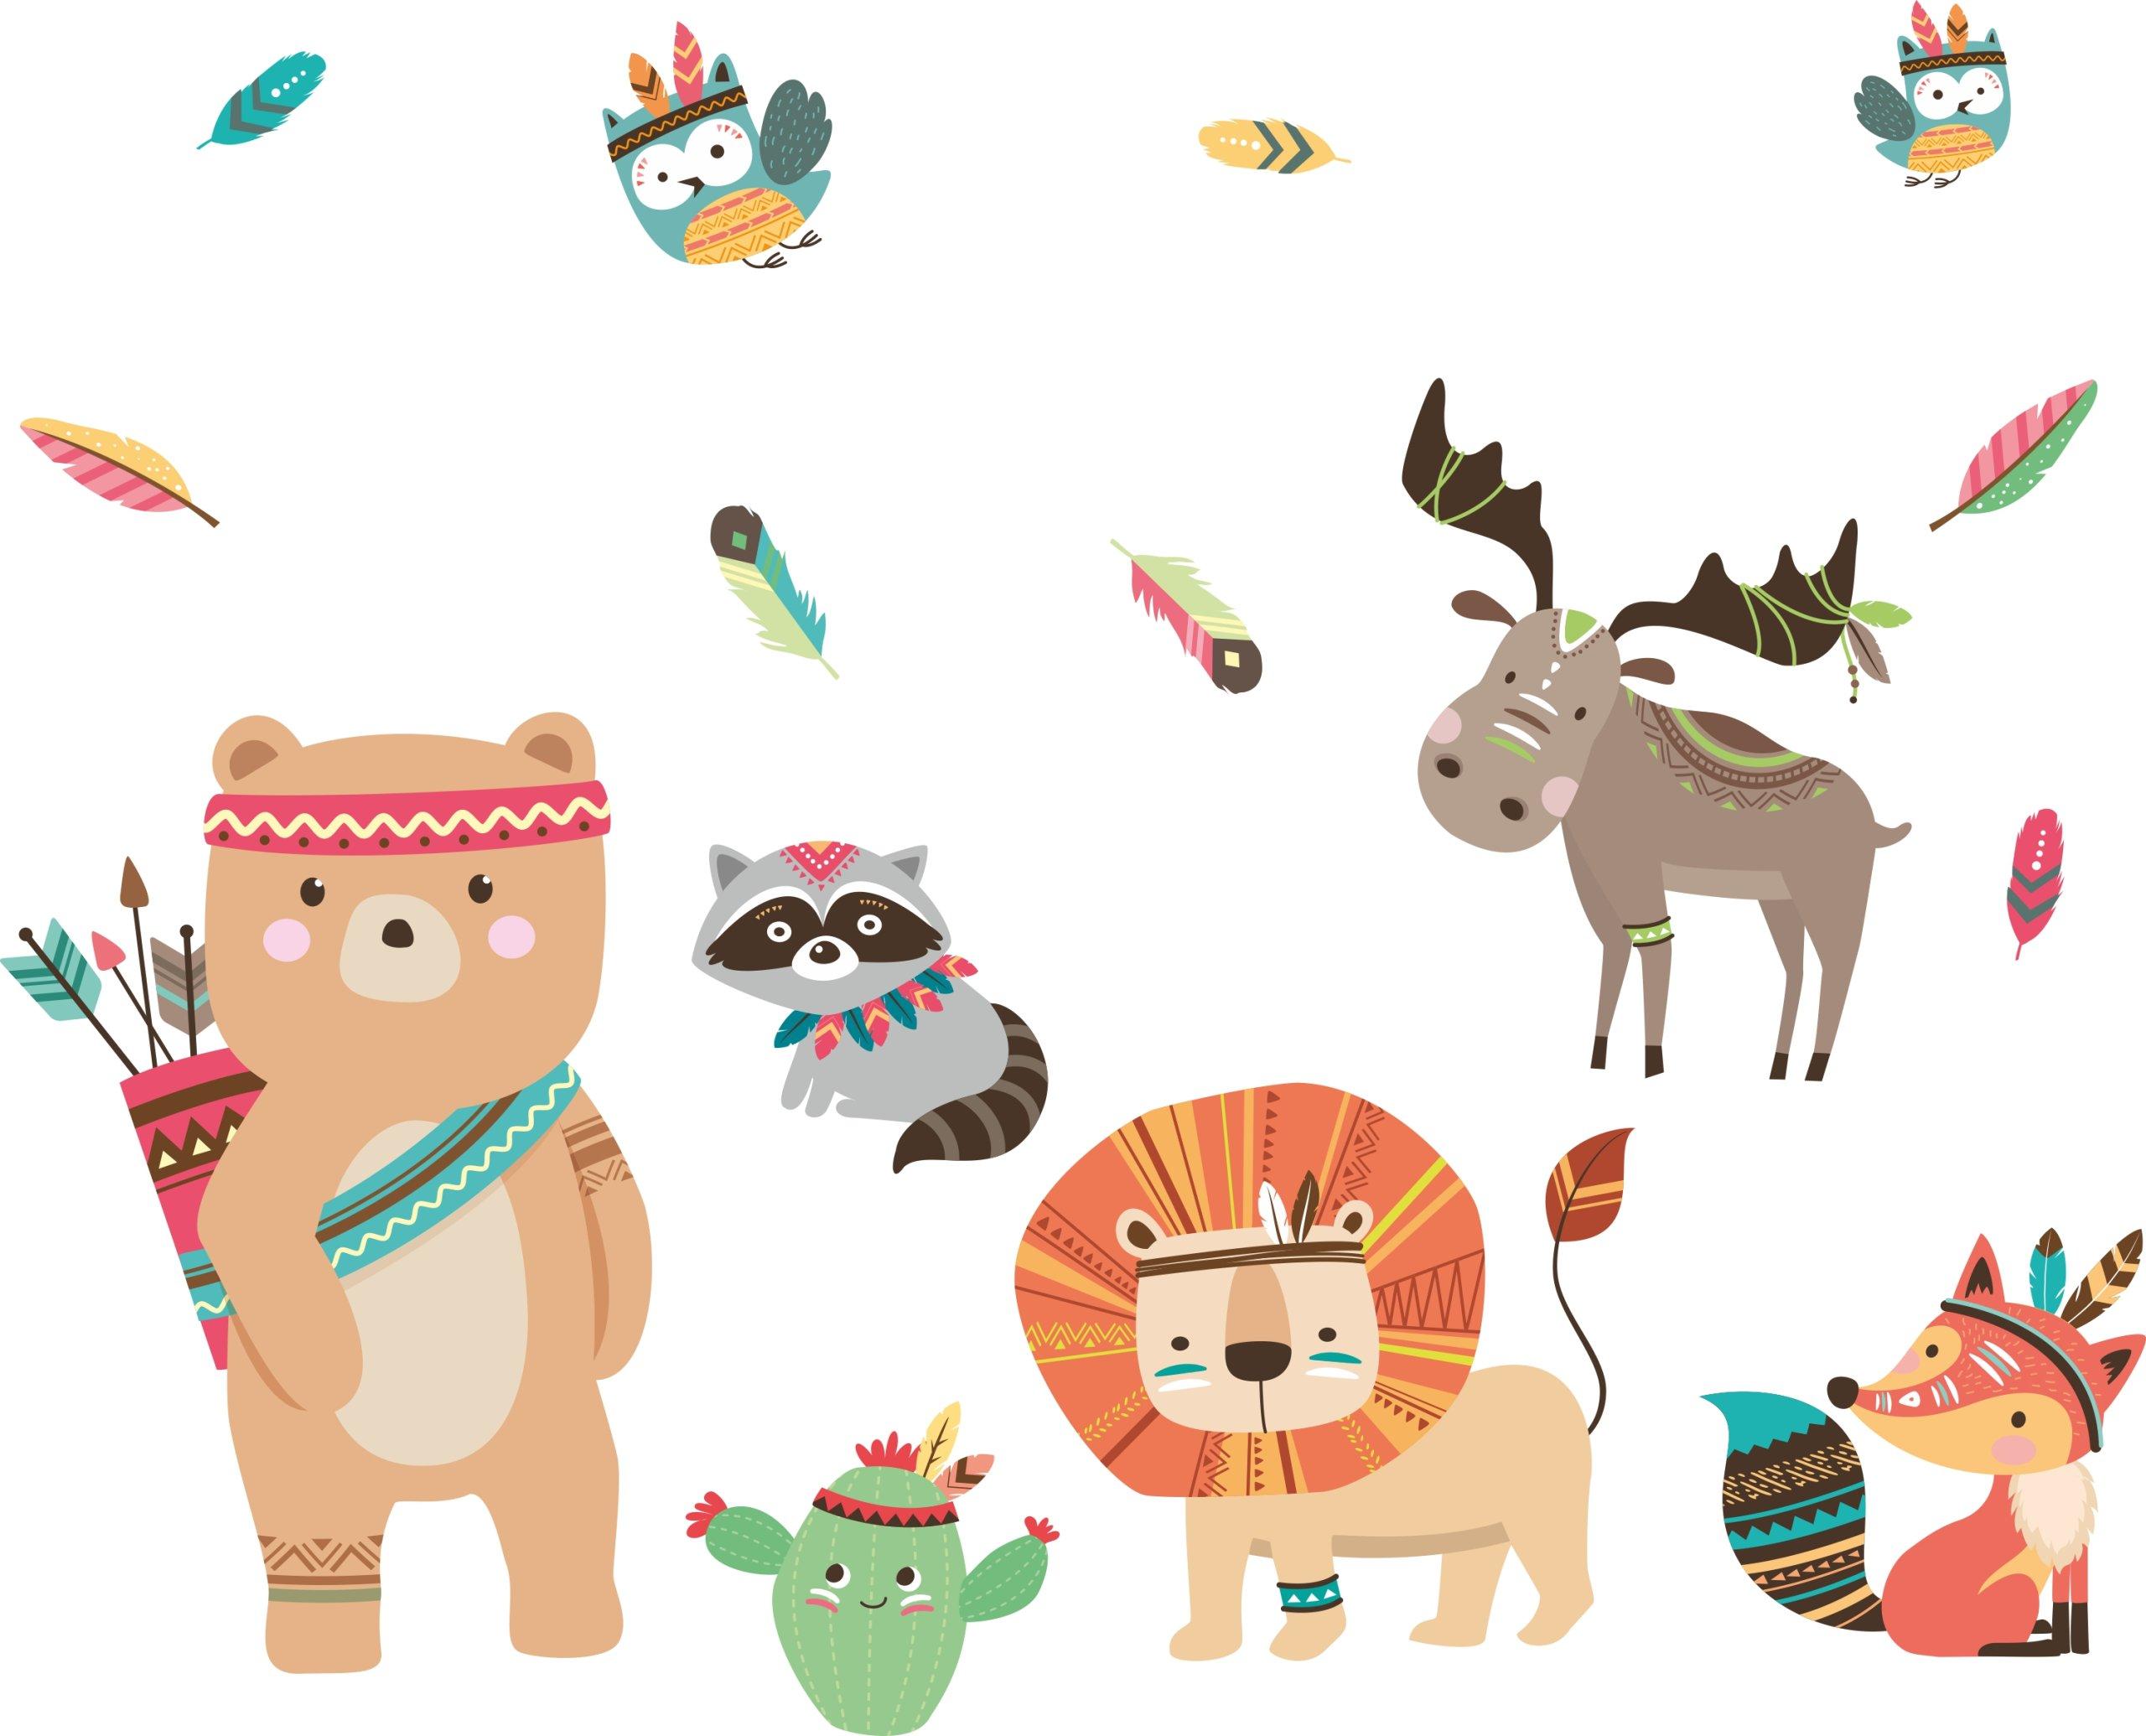 Naklejki ścienne Dla Dzieci Zwierzęta Indianie Xxl 7407999684